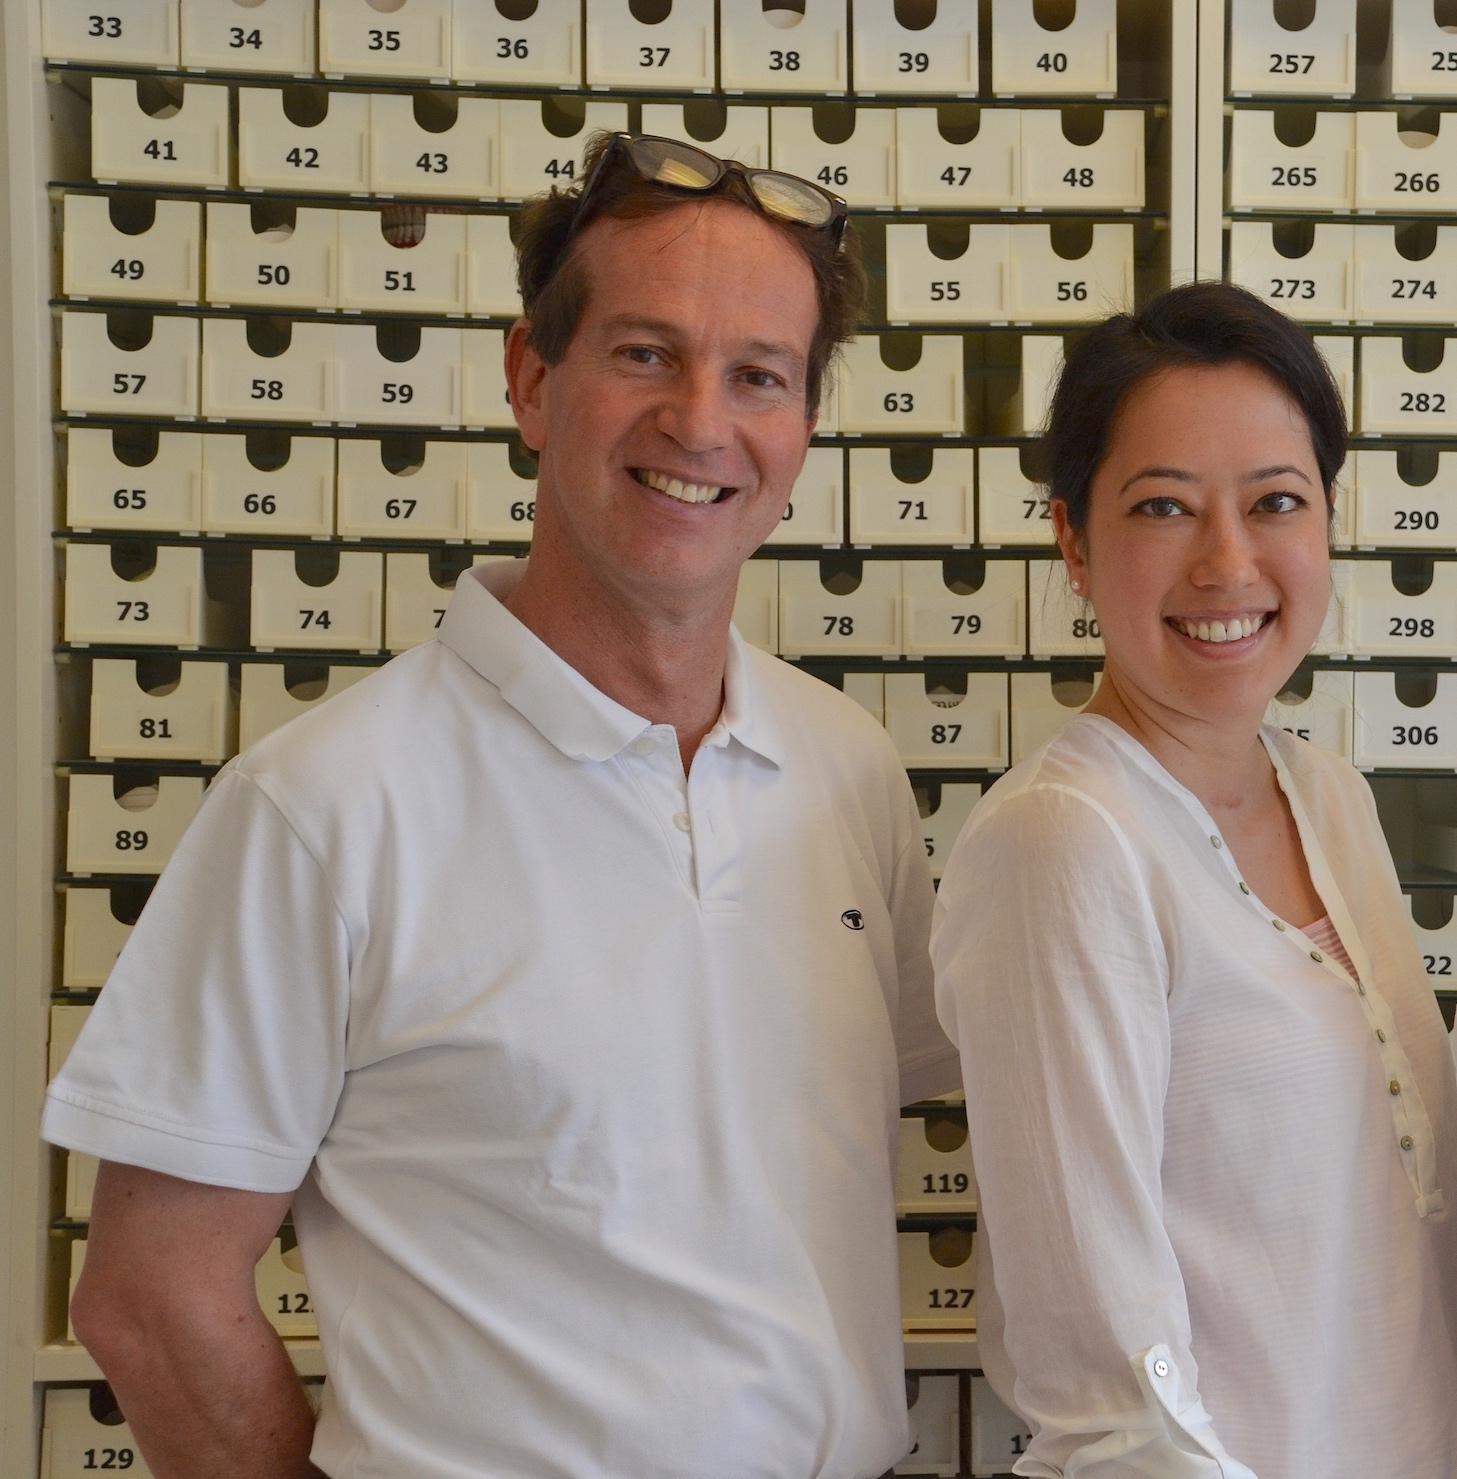 Das Team rund um Dr. Peter Joos bietet kieferorthopädische Behandlungen für Kinder und Erwachsene